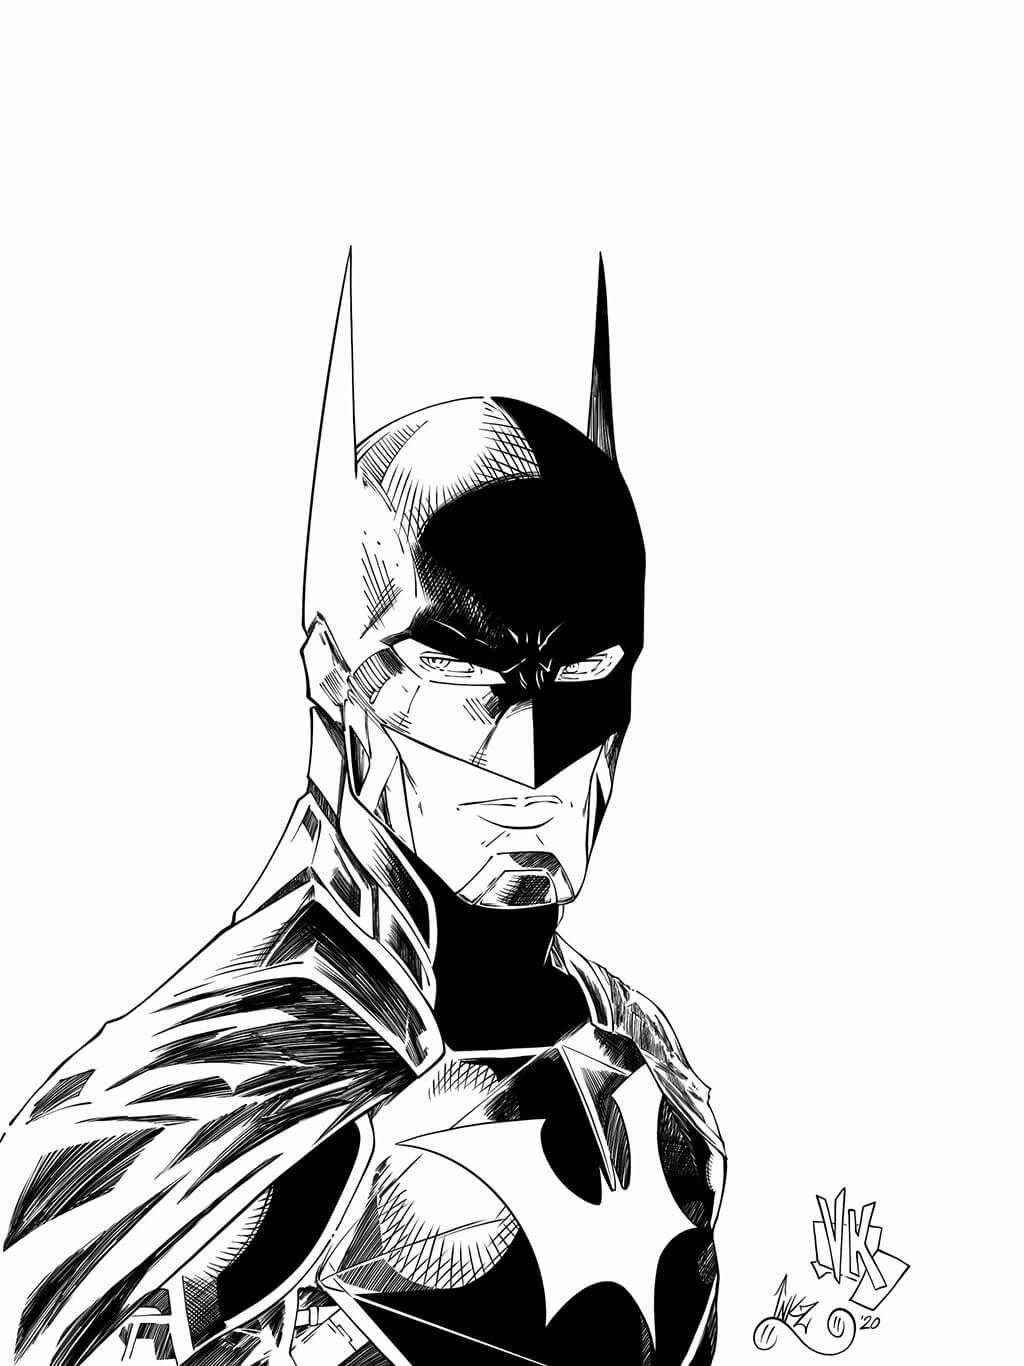 Batman Fan Art by INKZ